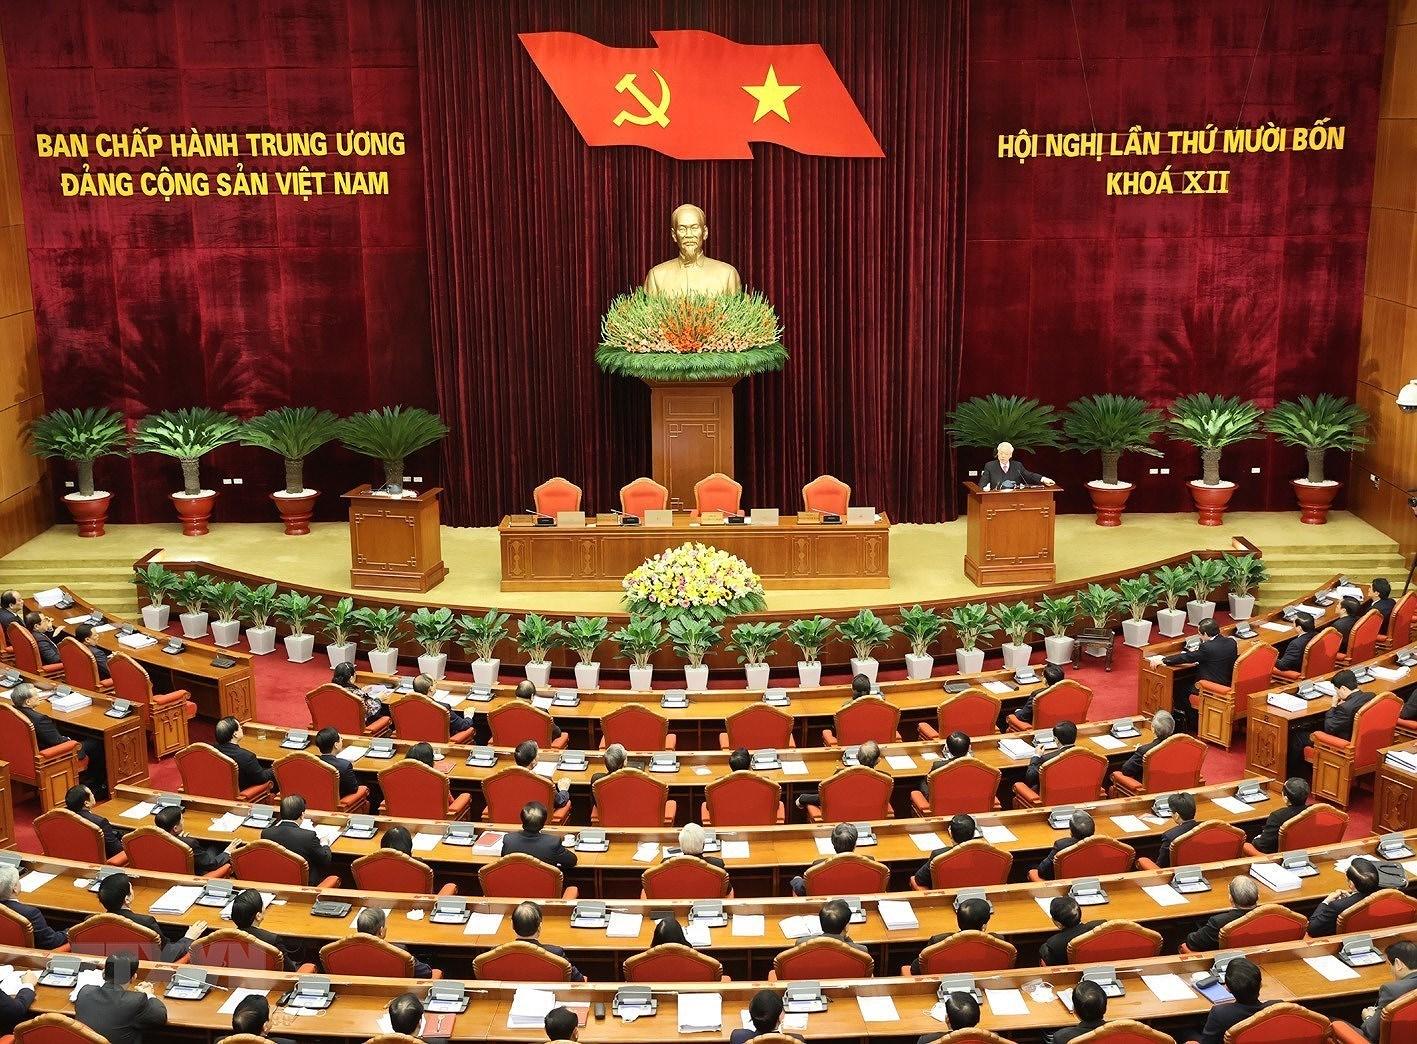 Hinh anh Be mac Hoi nghi lan thu 14 Ban Chap hanh Trung uong Dang hinh anh 1